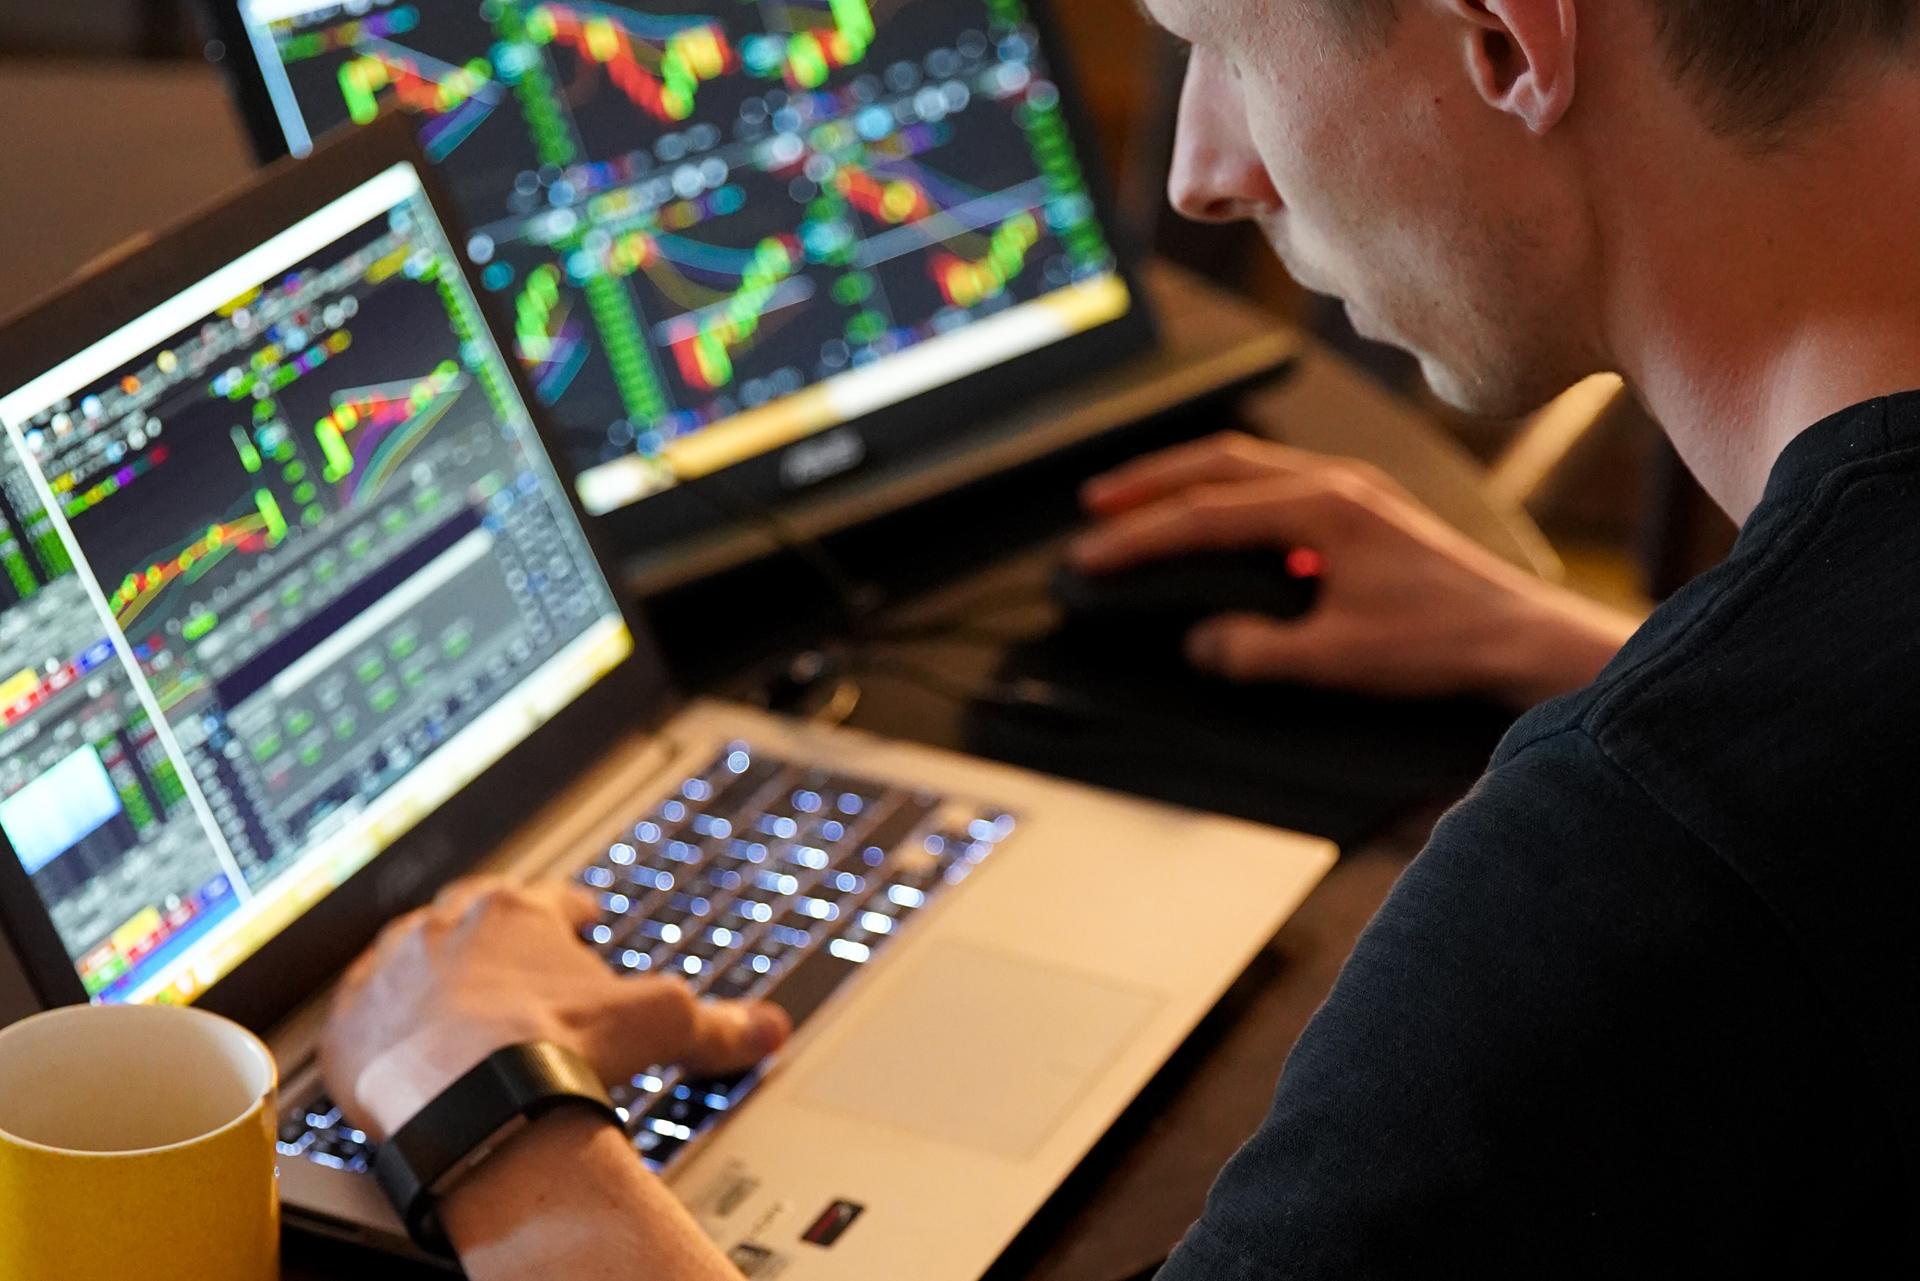 Aktienhandel - Ausgiebiges Üben im Demokonto empfohlen